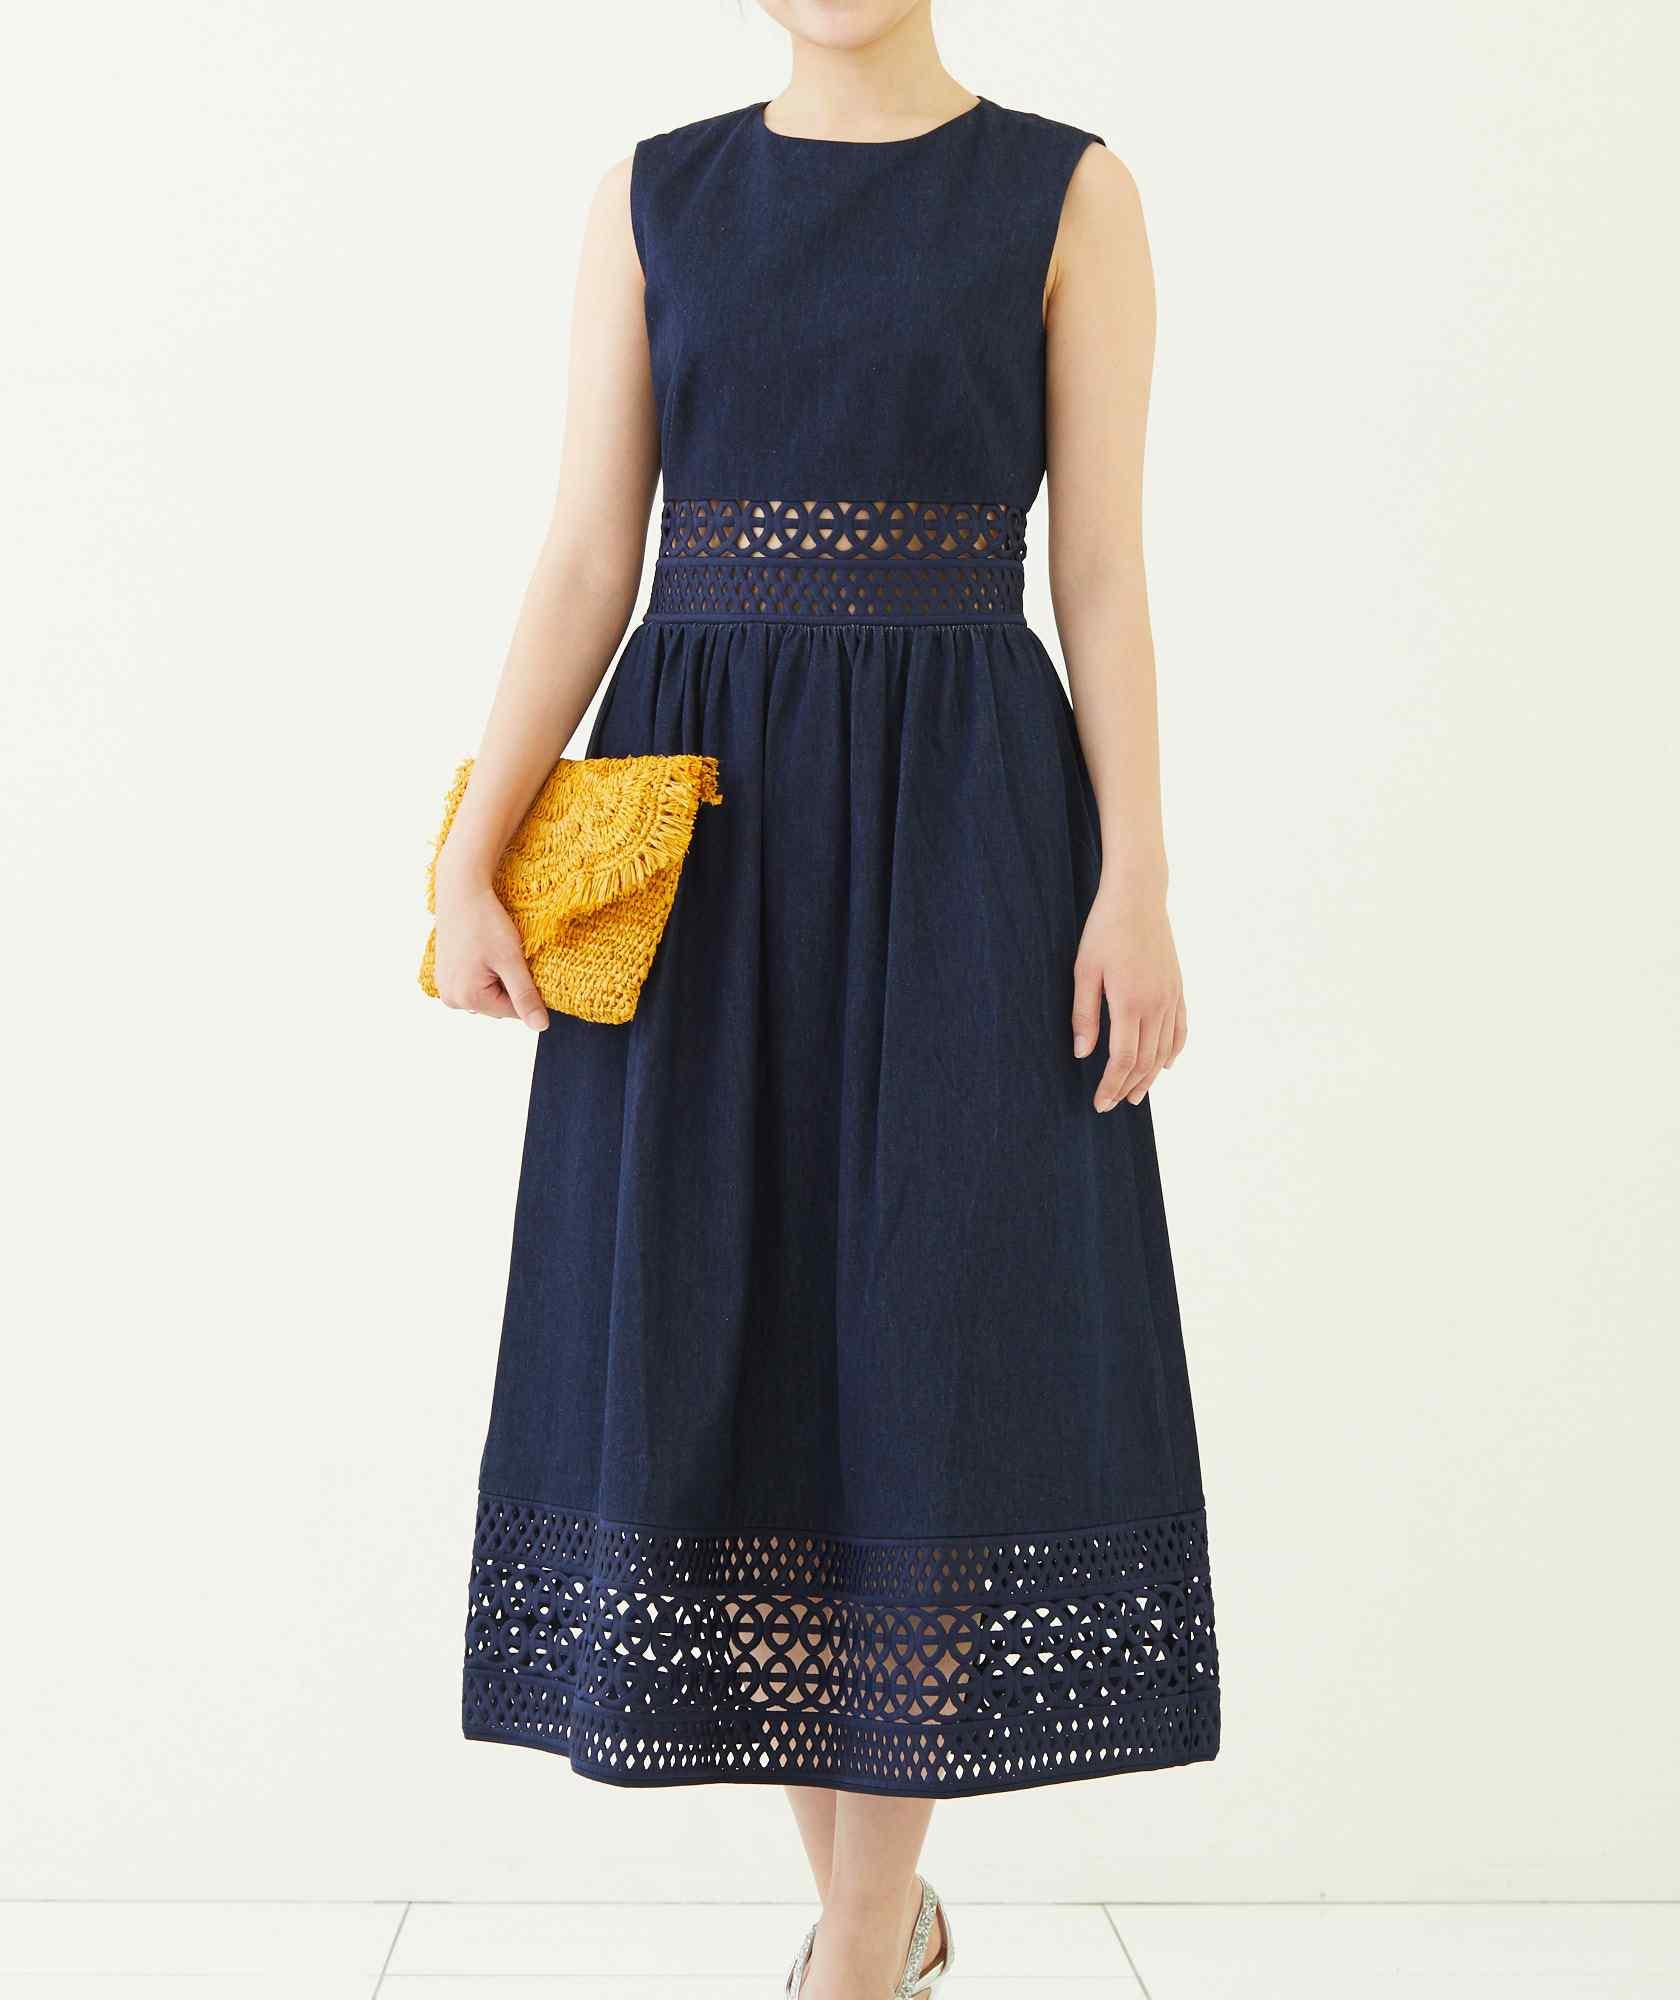 エンブロイダリーデニムカットアウトミディアムドレス―ネイビー-S